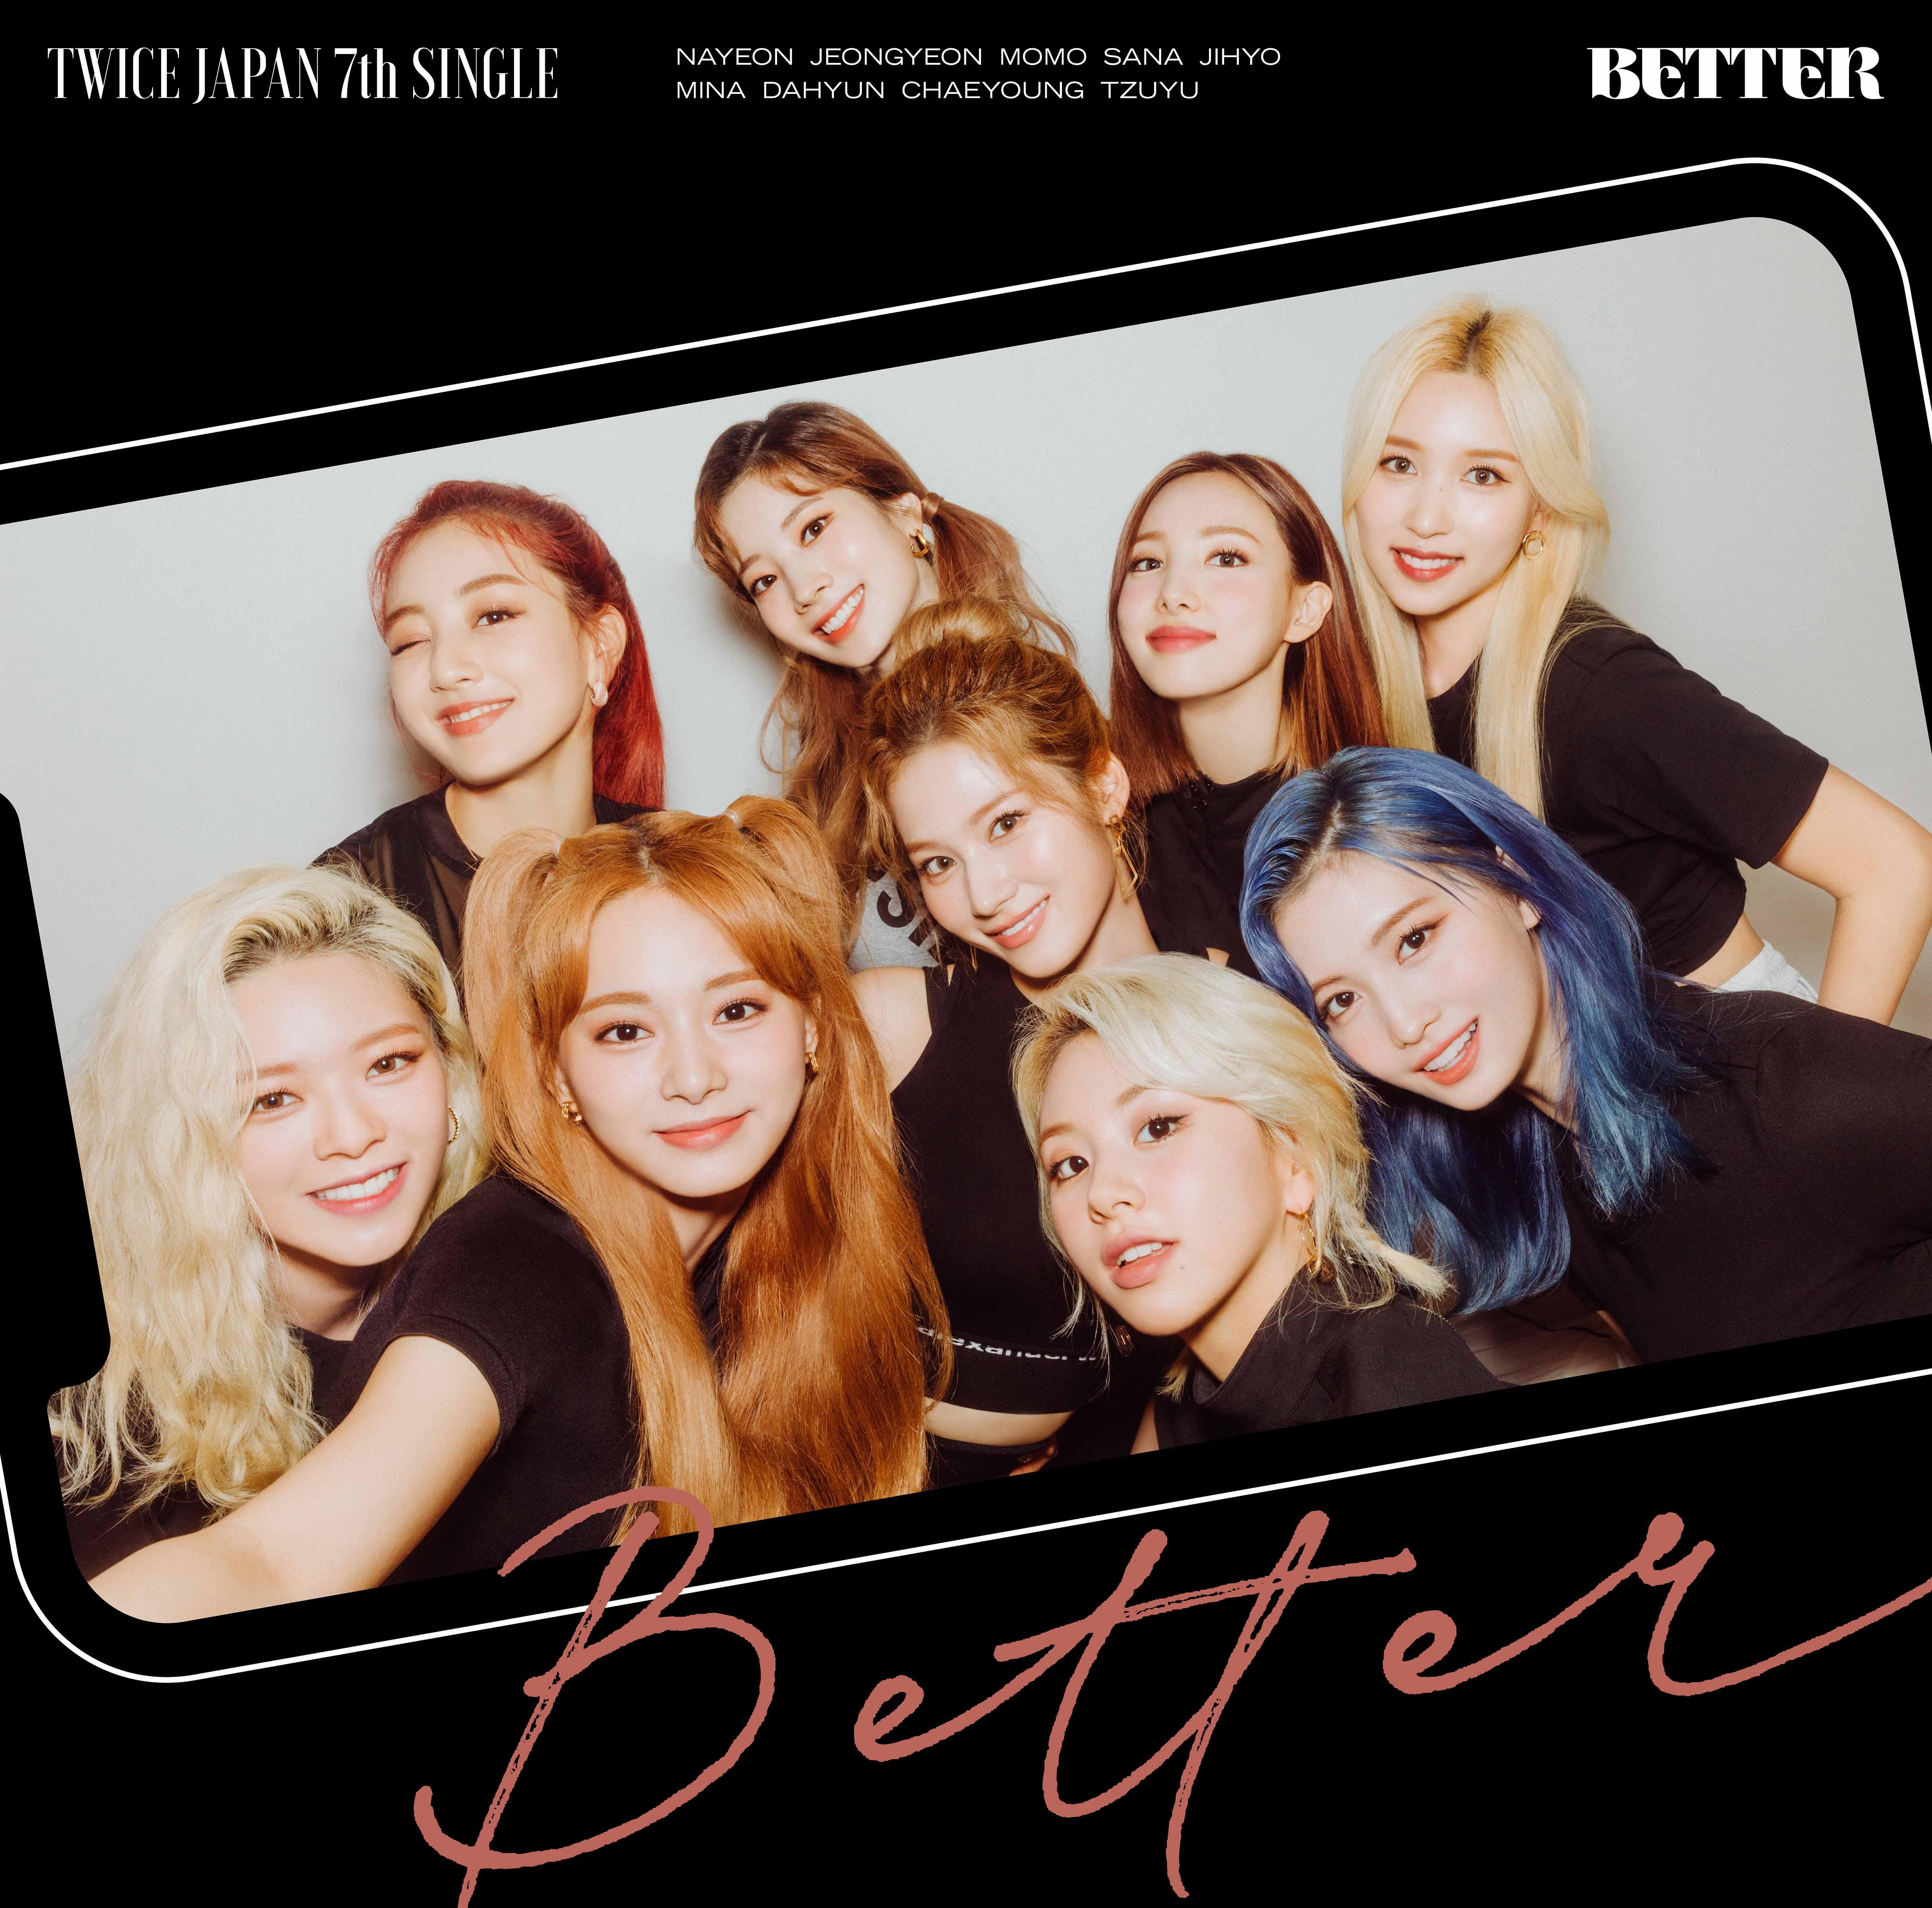 TWICEの日本7thシングル『BETTER』、先行配信スタート &ミュージックビデオ公開! 秋らしいファッションにも注目♡ photoGallery_1_14